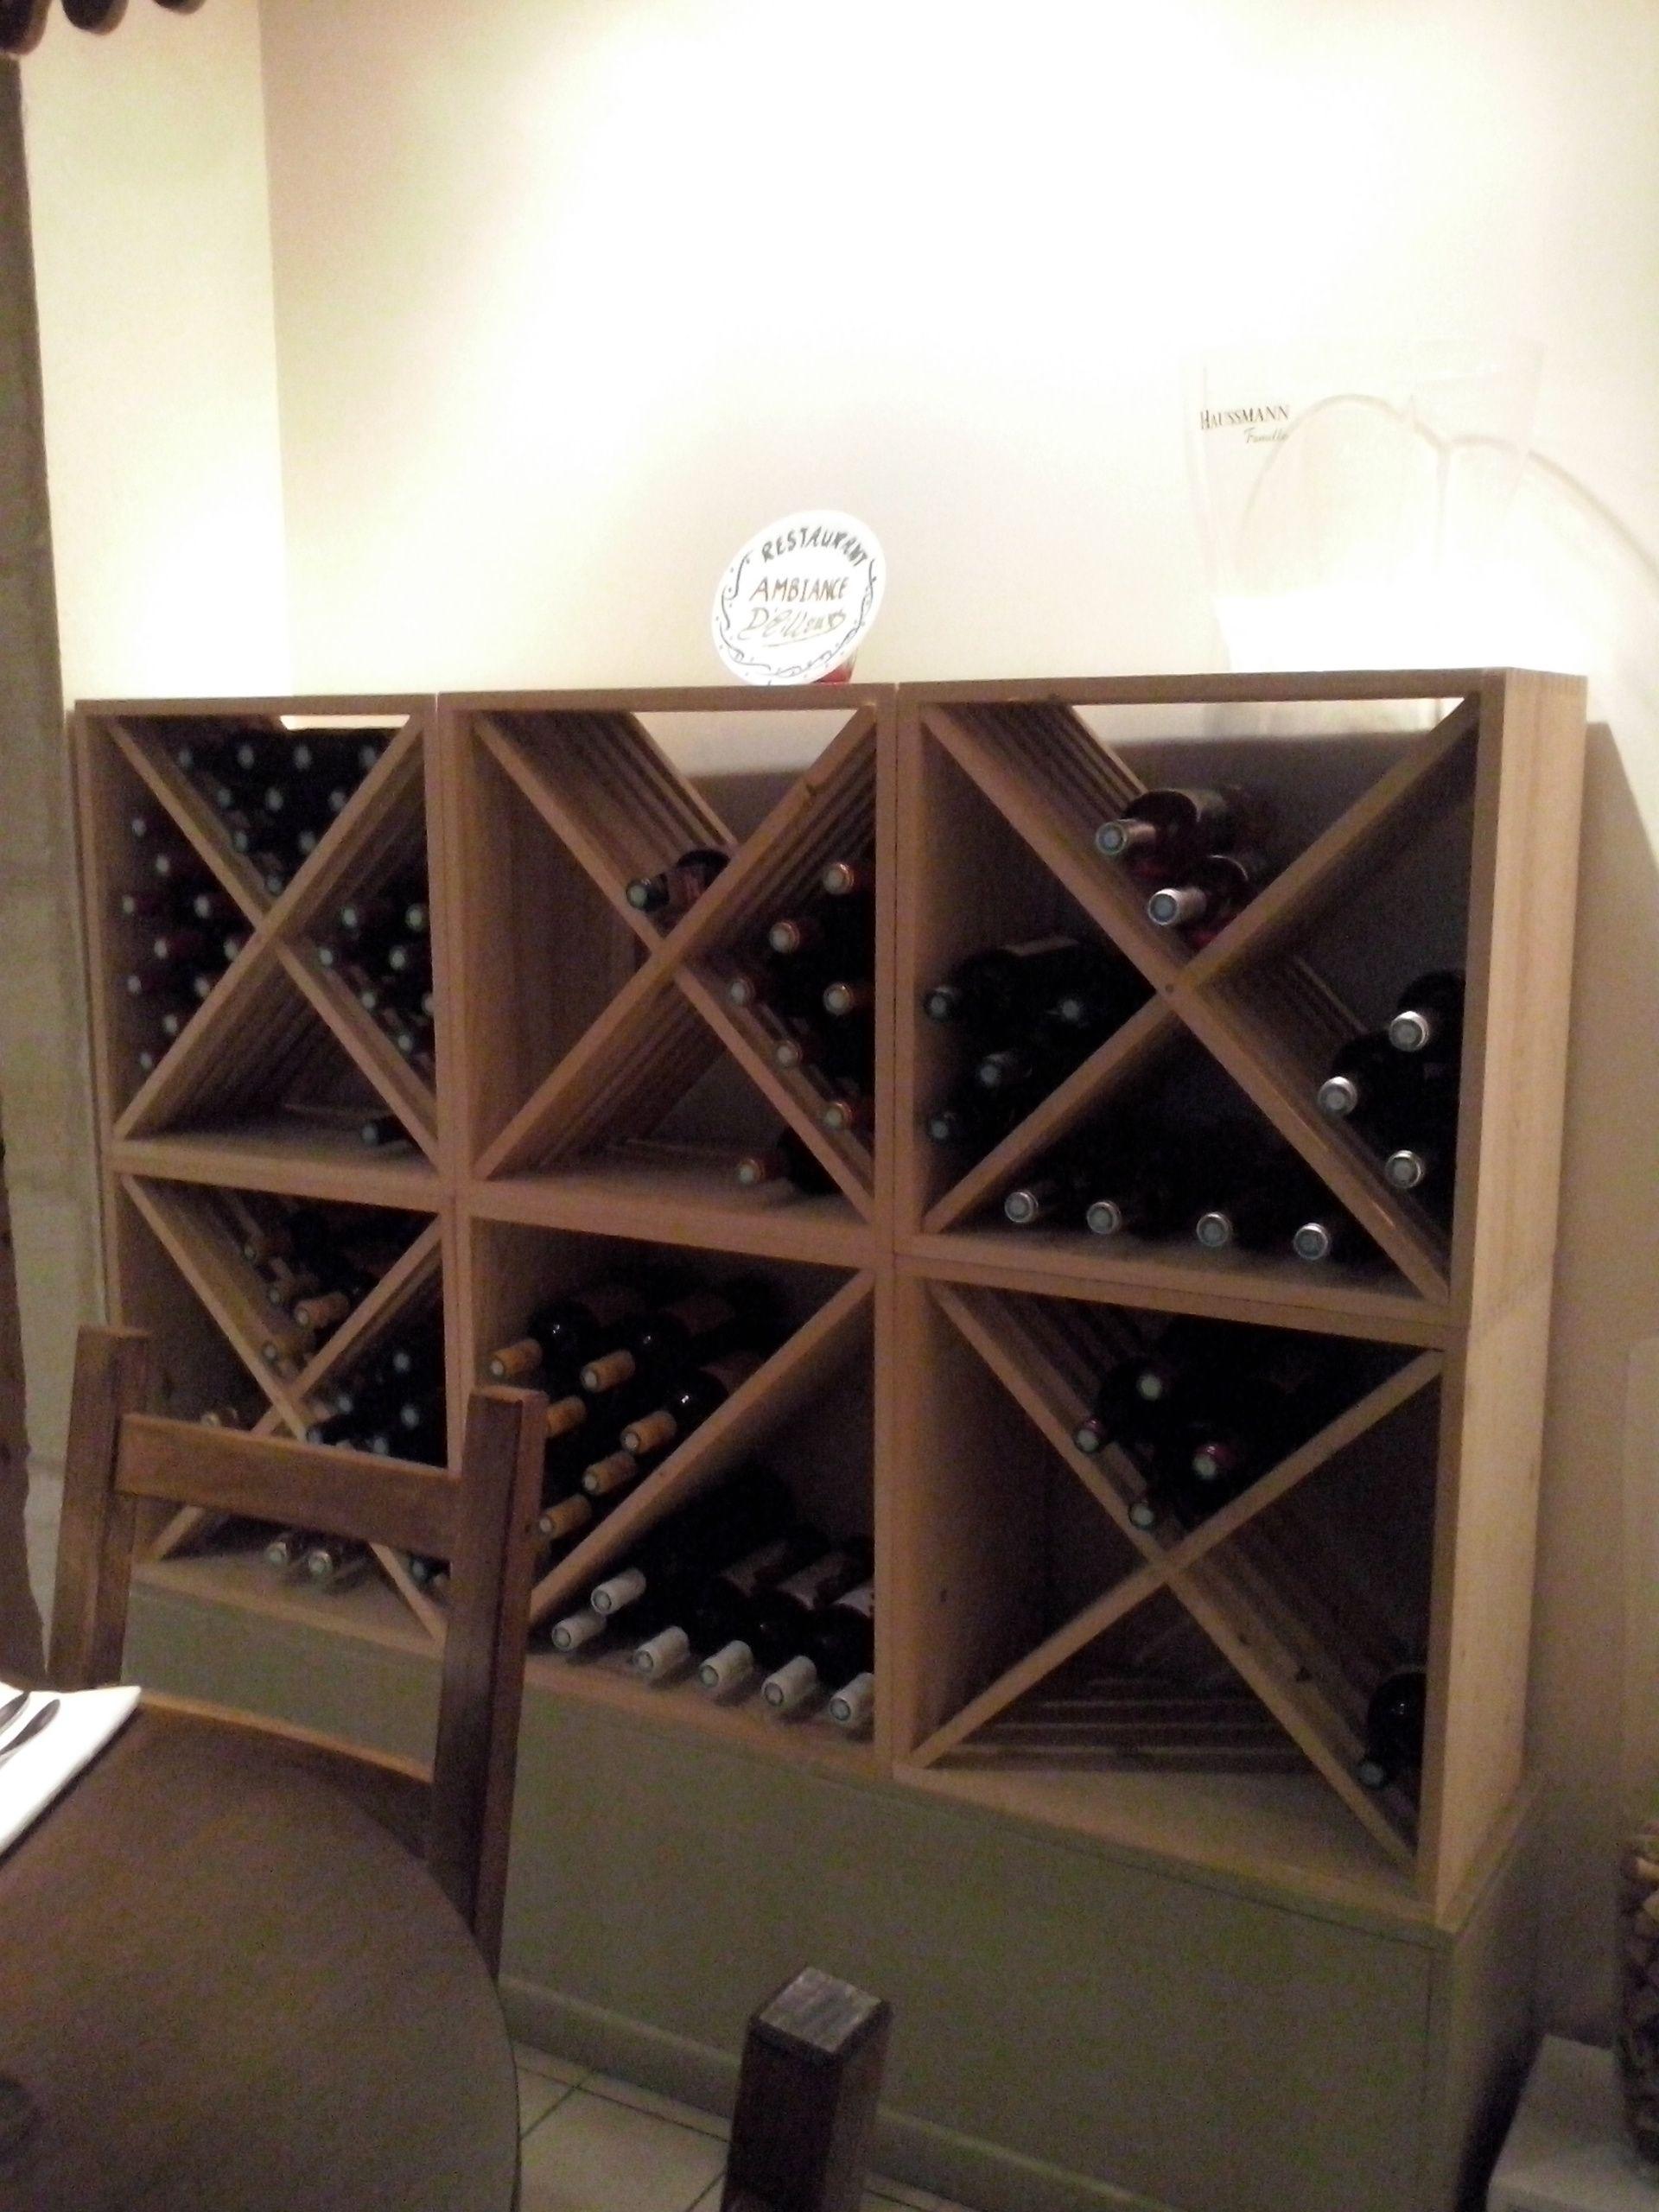 Casier bouteilles, casier vin, rangement du vin, aménagement cave ...